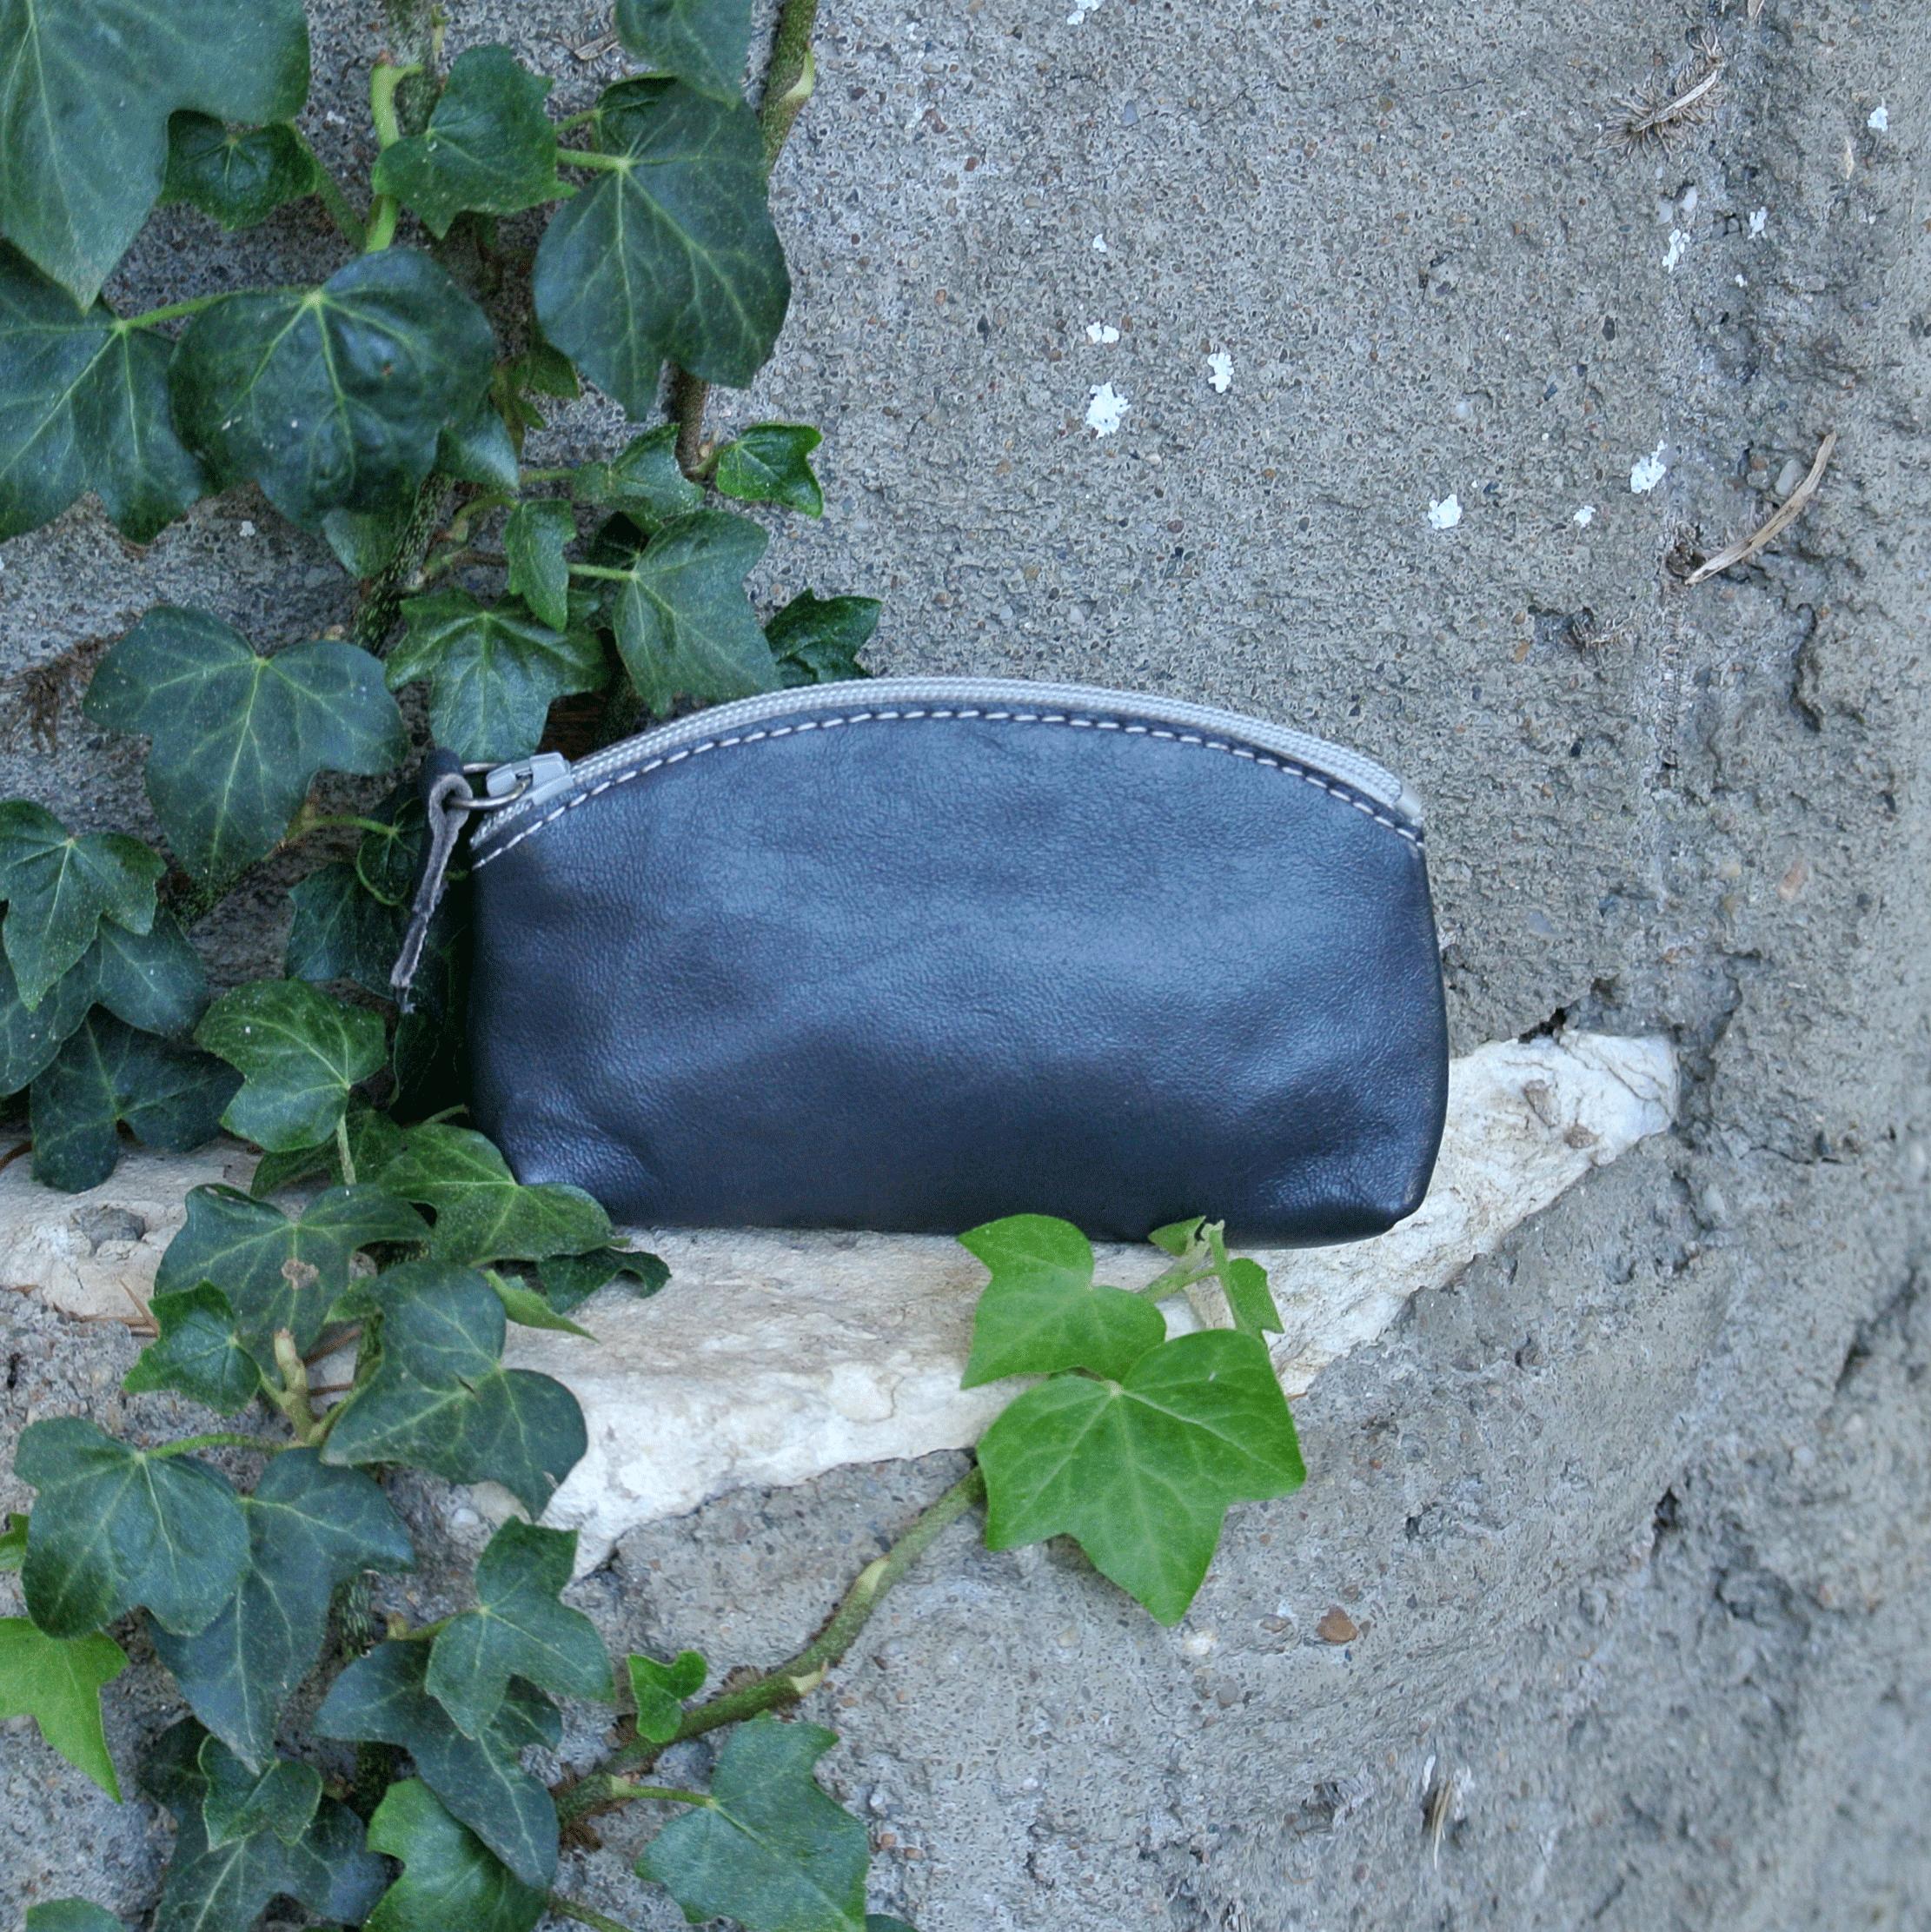 mini-trousse-tresors-fabrique-en-france-cuirs-fantaisies-la-cartabliere